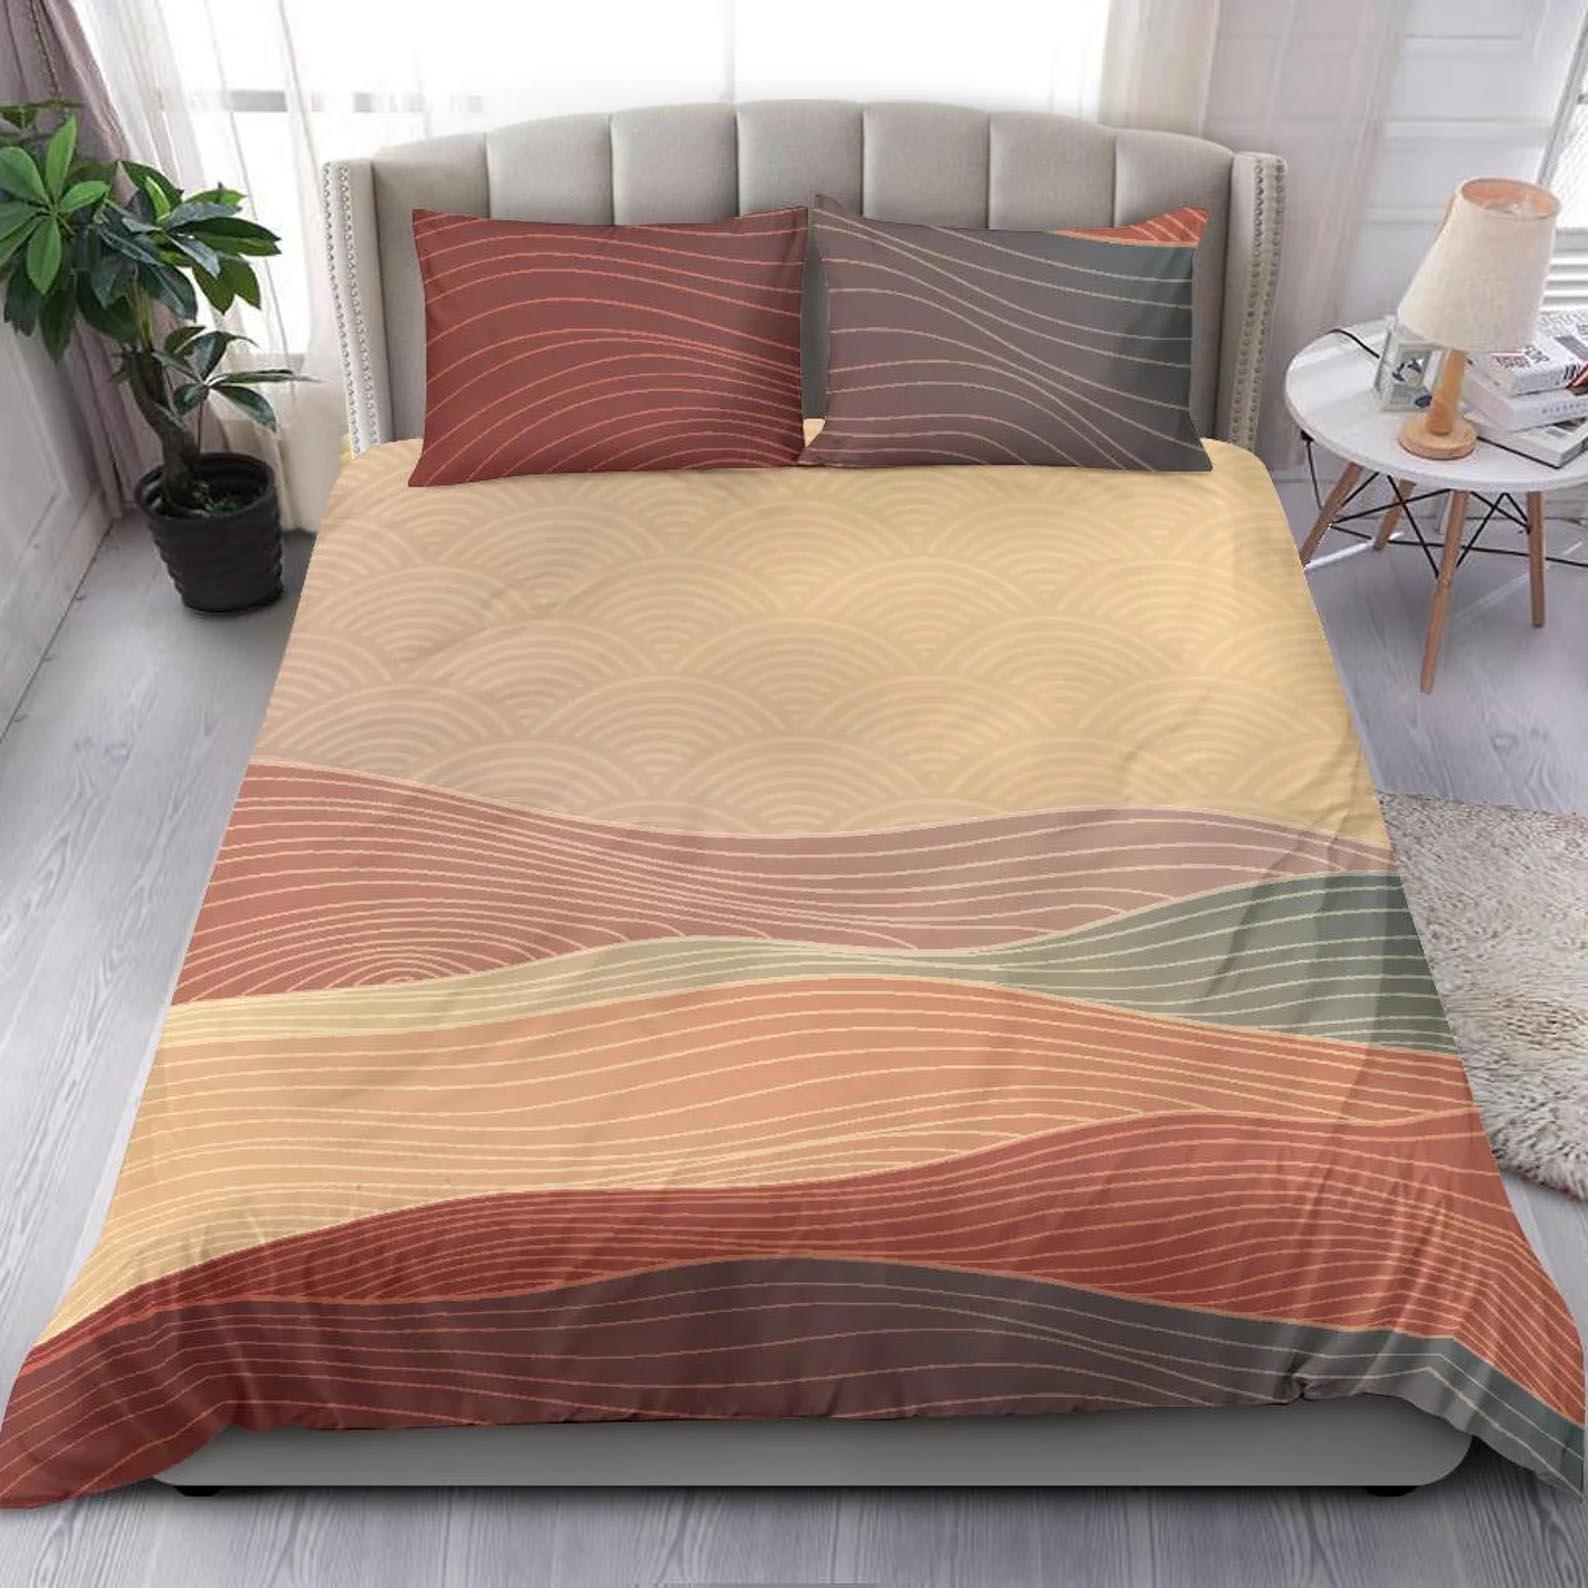 Modern Bedroom Decor - Japanese-inspired geometric bedding.